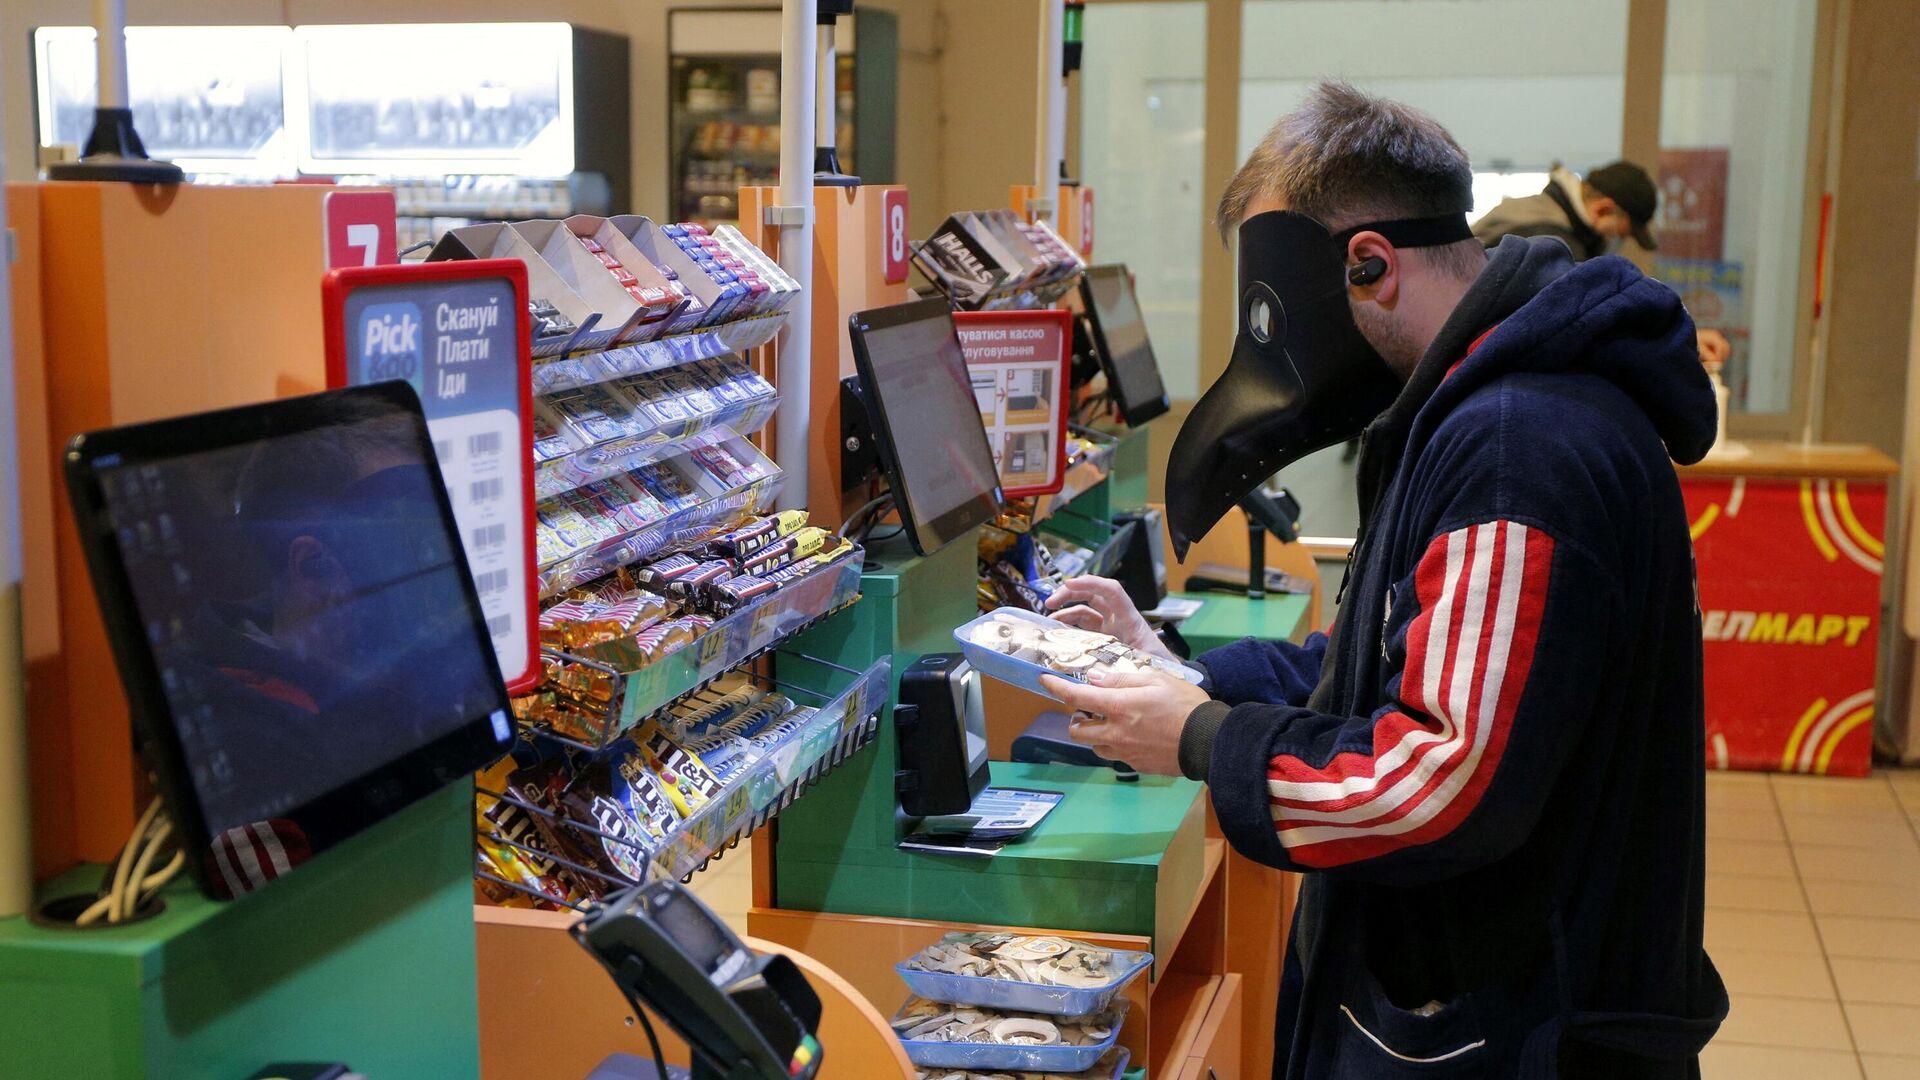 Покупатель в одном из супермаркетов Киева, Украина - РИА Новости, 1920, 22.02.2021